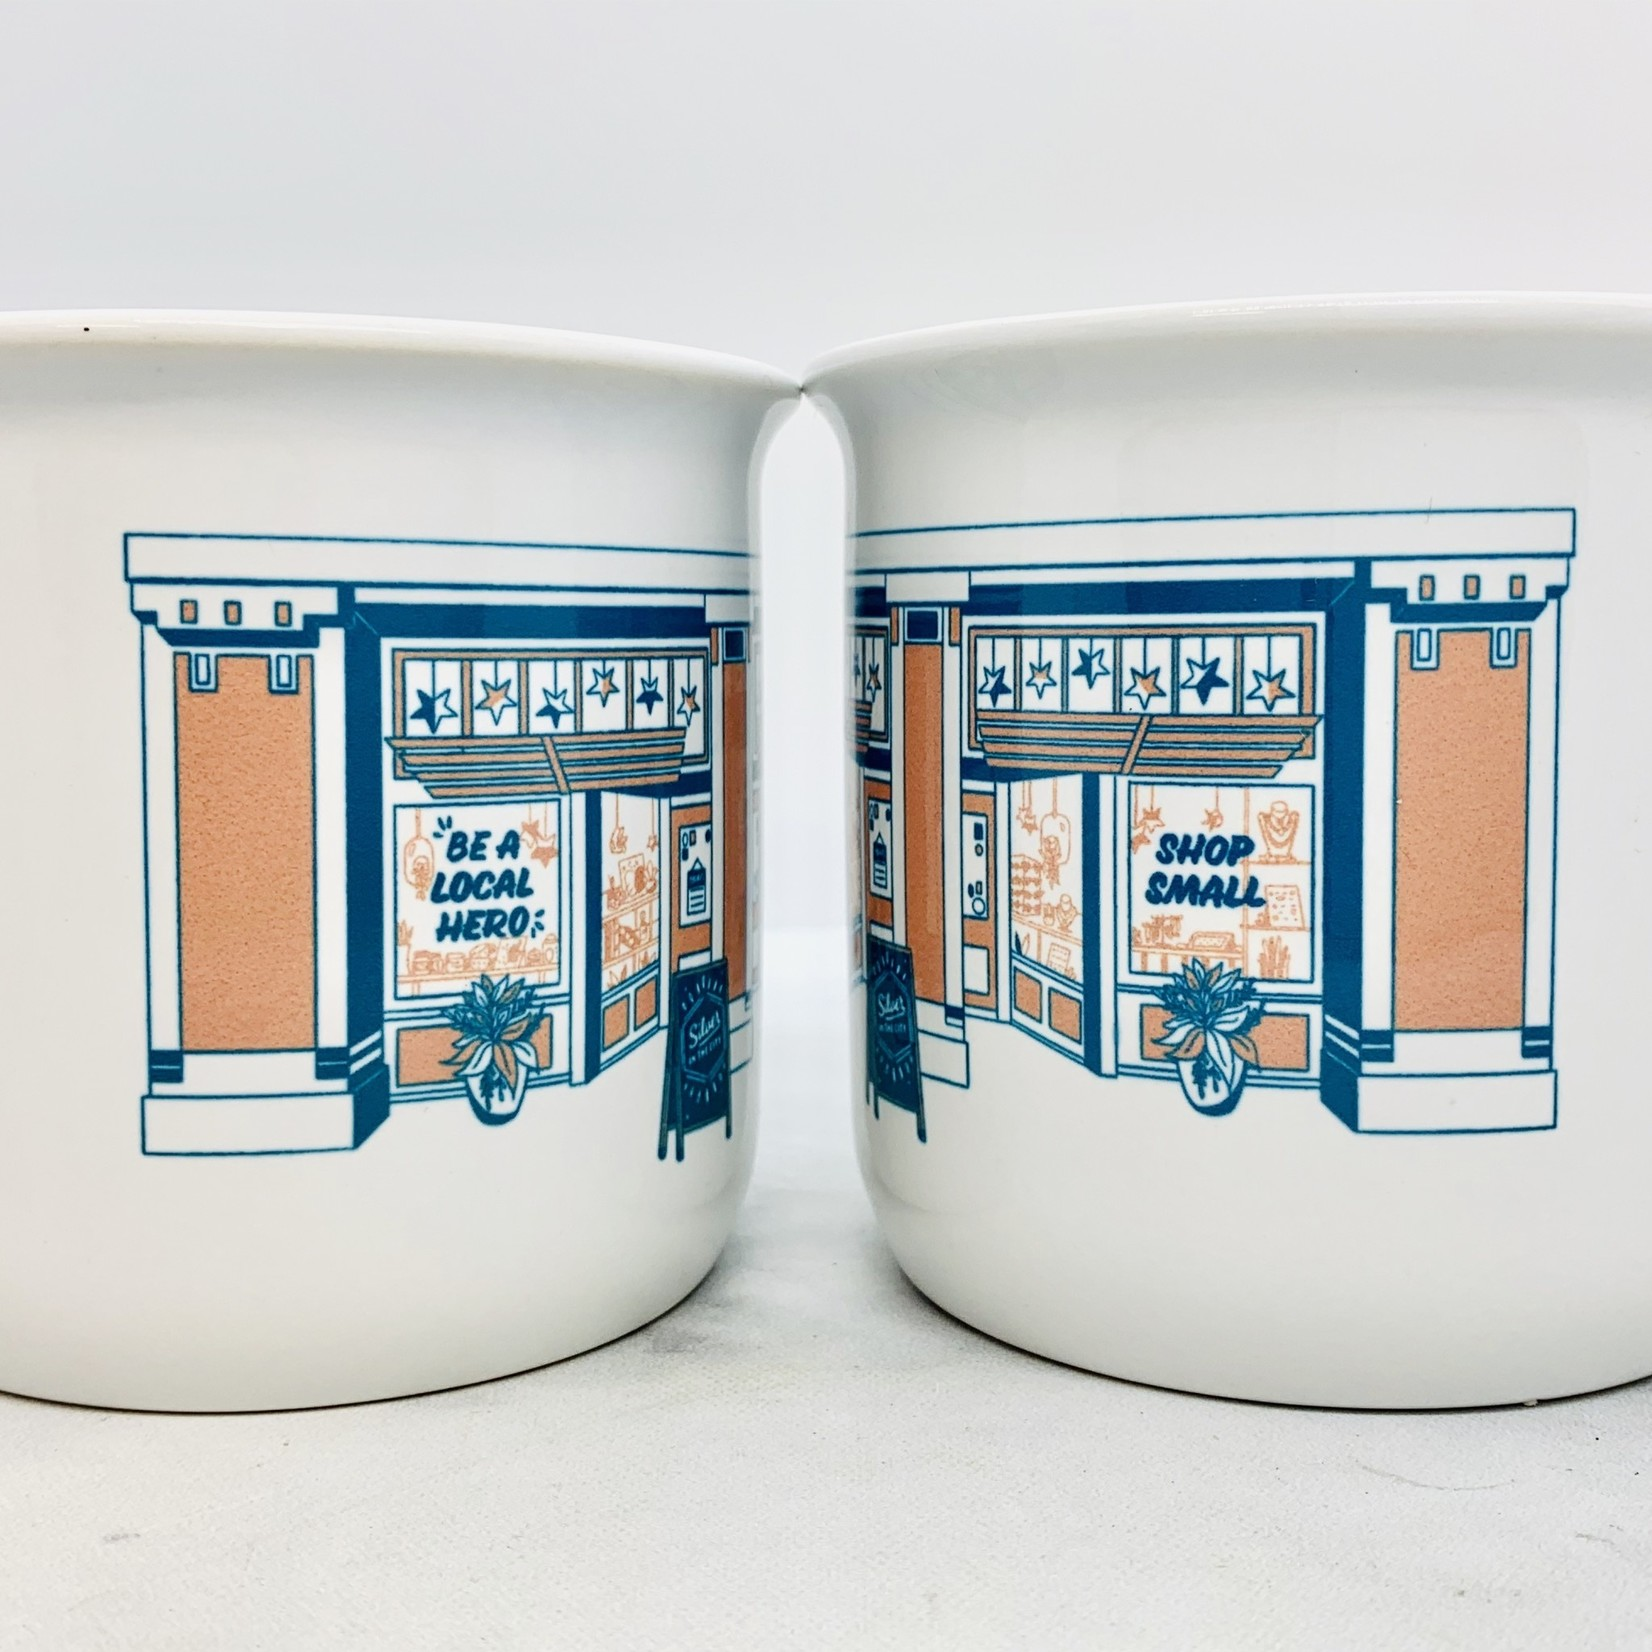 Shop Small Mug, Color